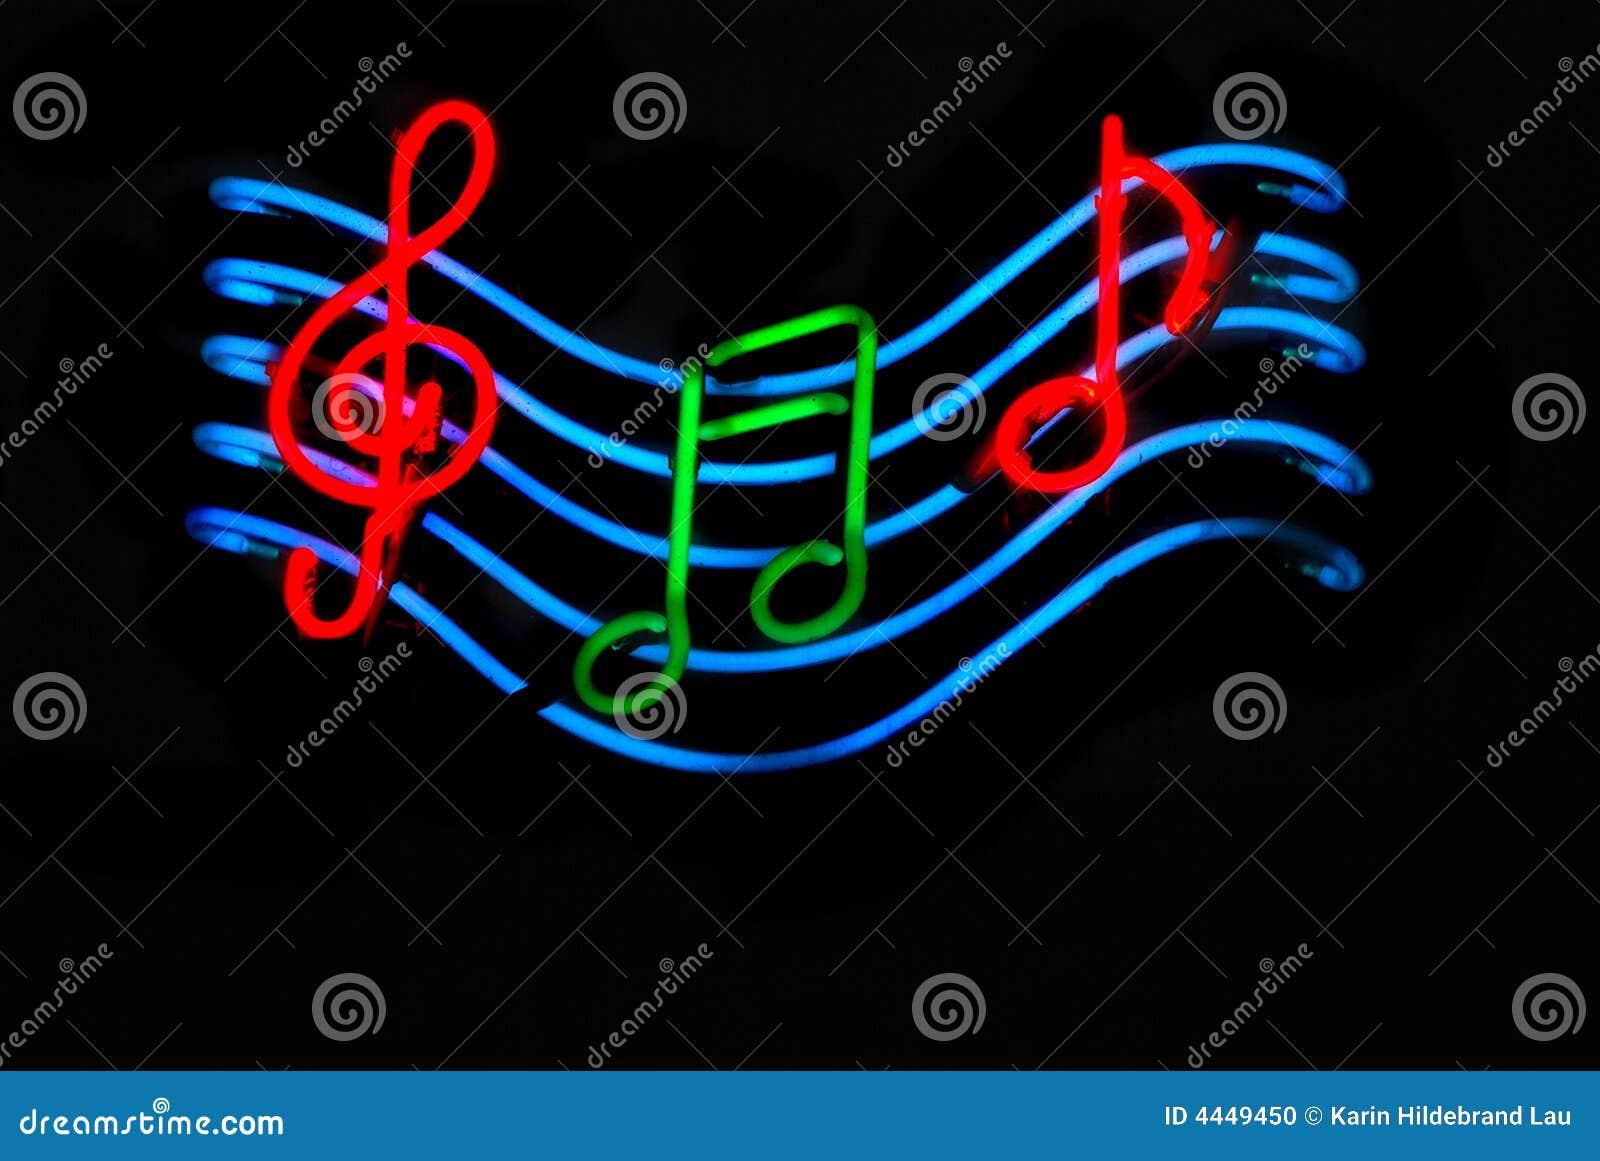 Foto Nota Musical ~ Notas Musicais Foto de Stock Imagem 4449450